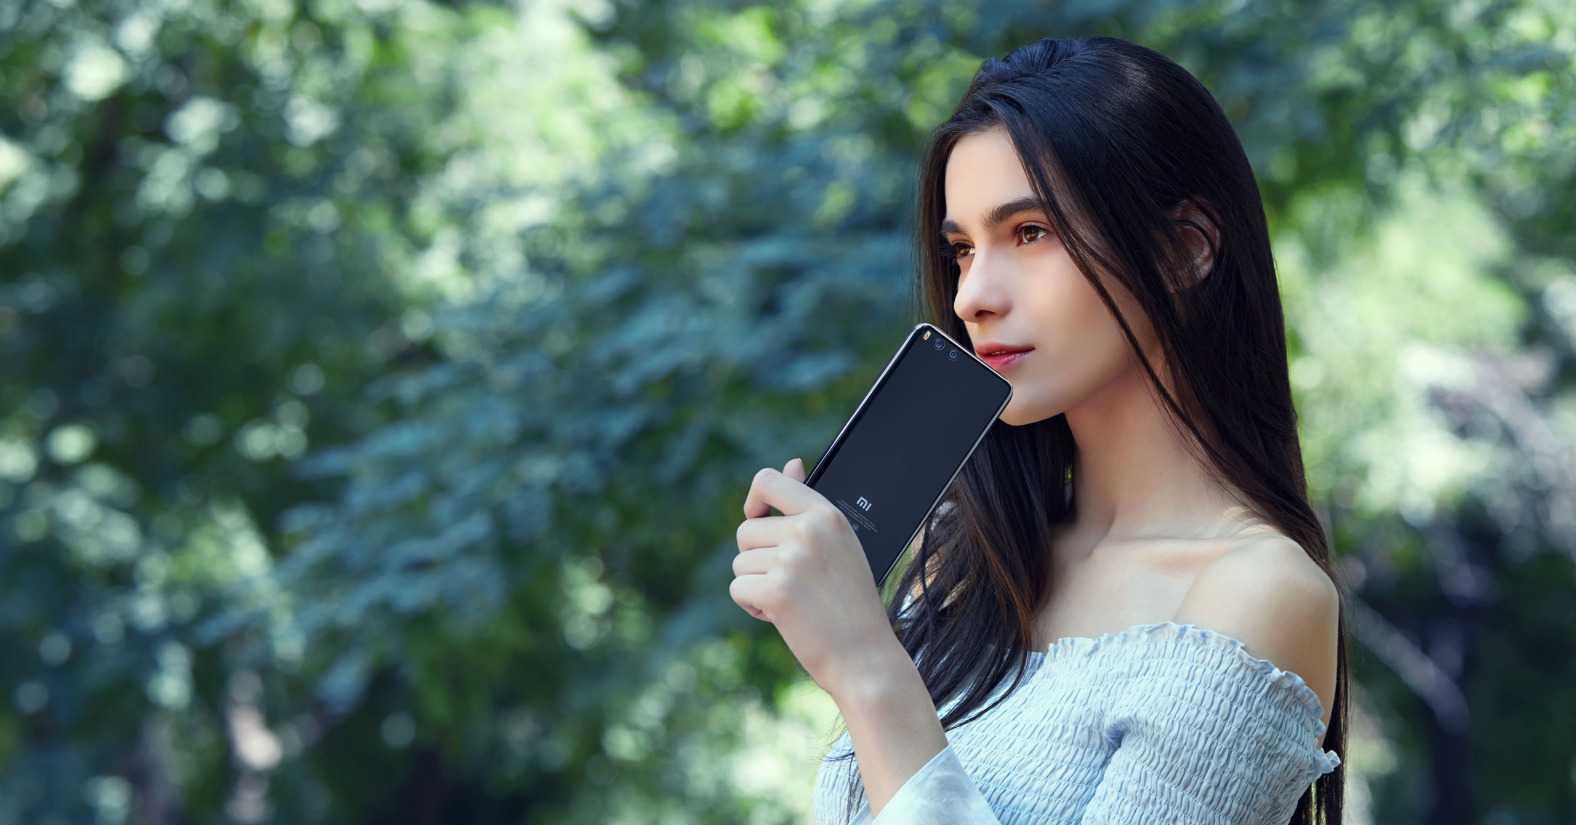 Рейтинг смартфонов 2020 года с самой быстрой зарядкой - androidinsider.ru